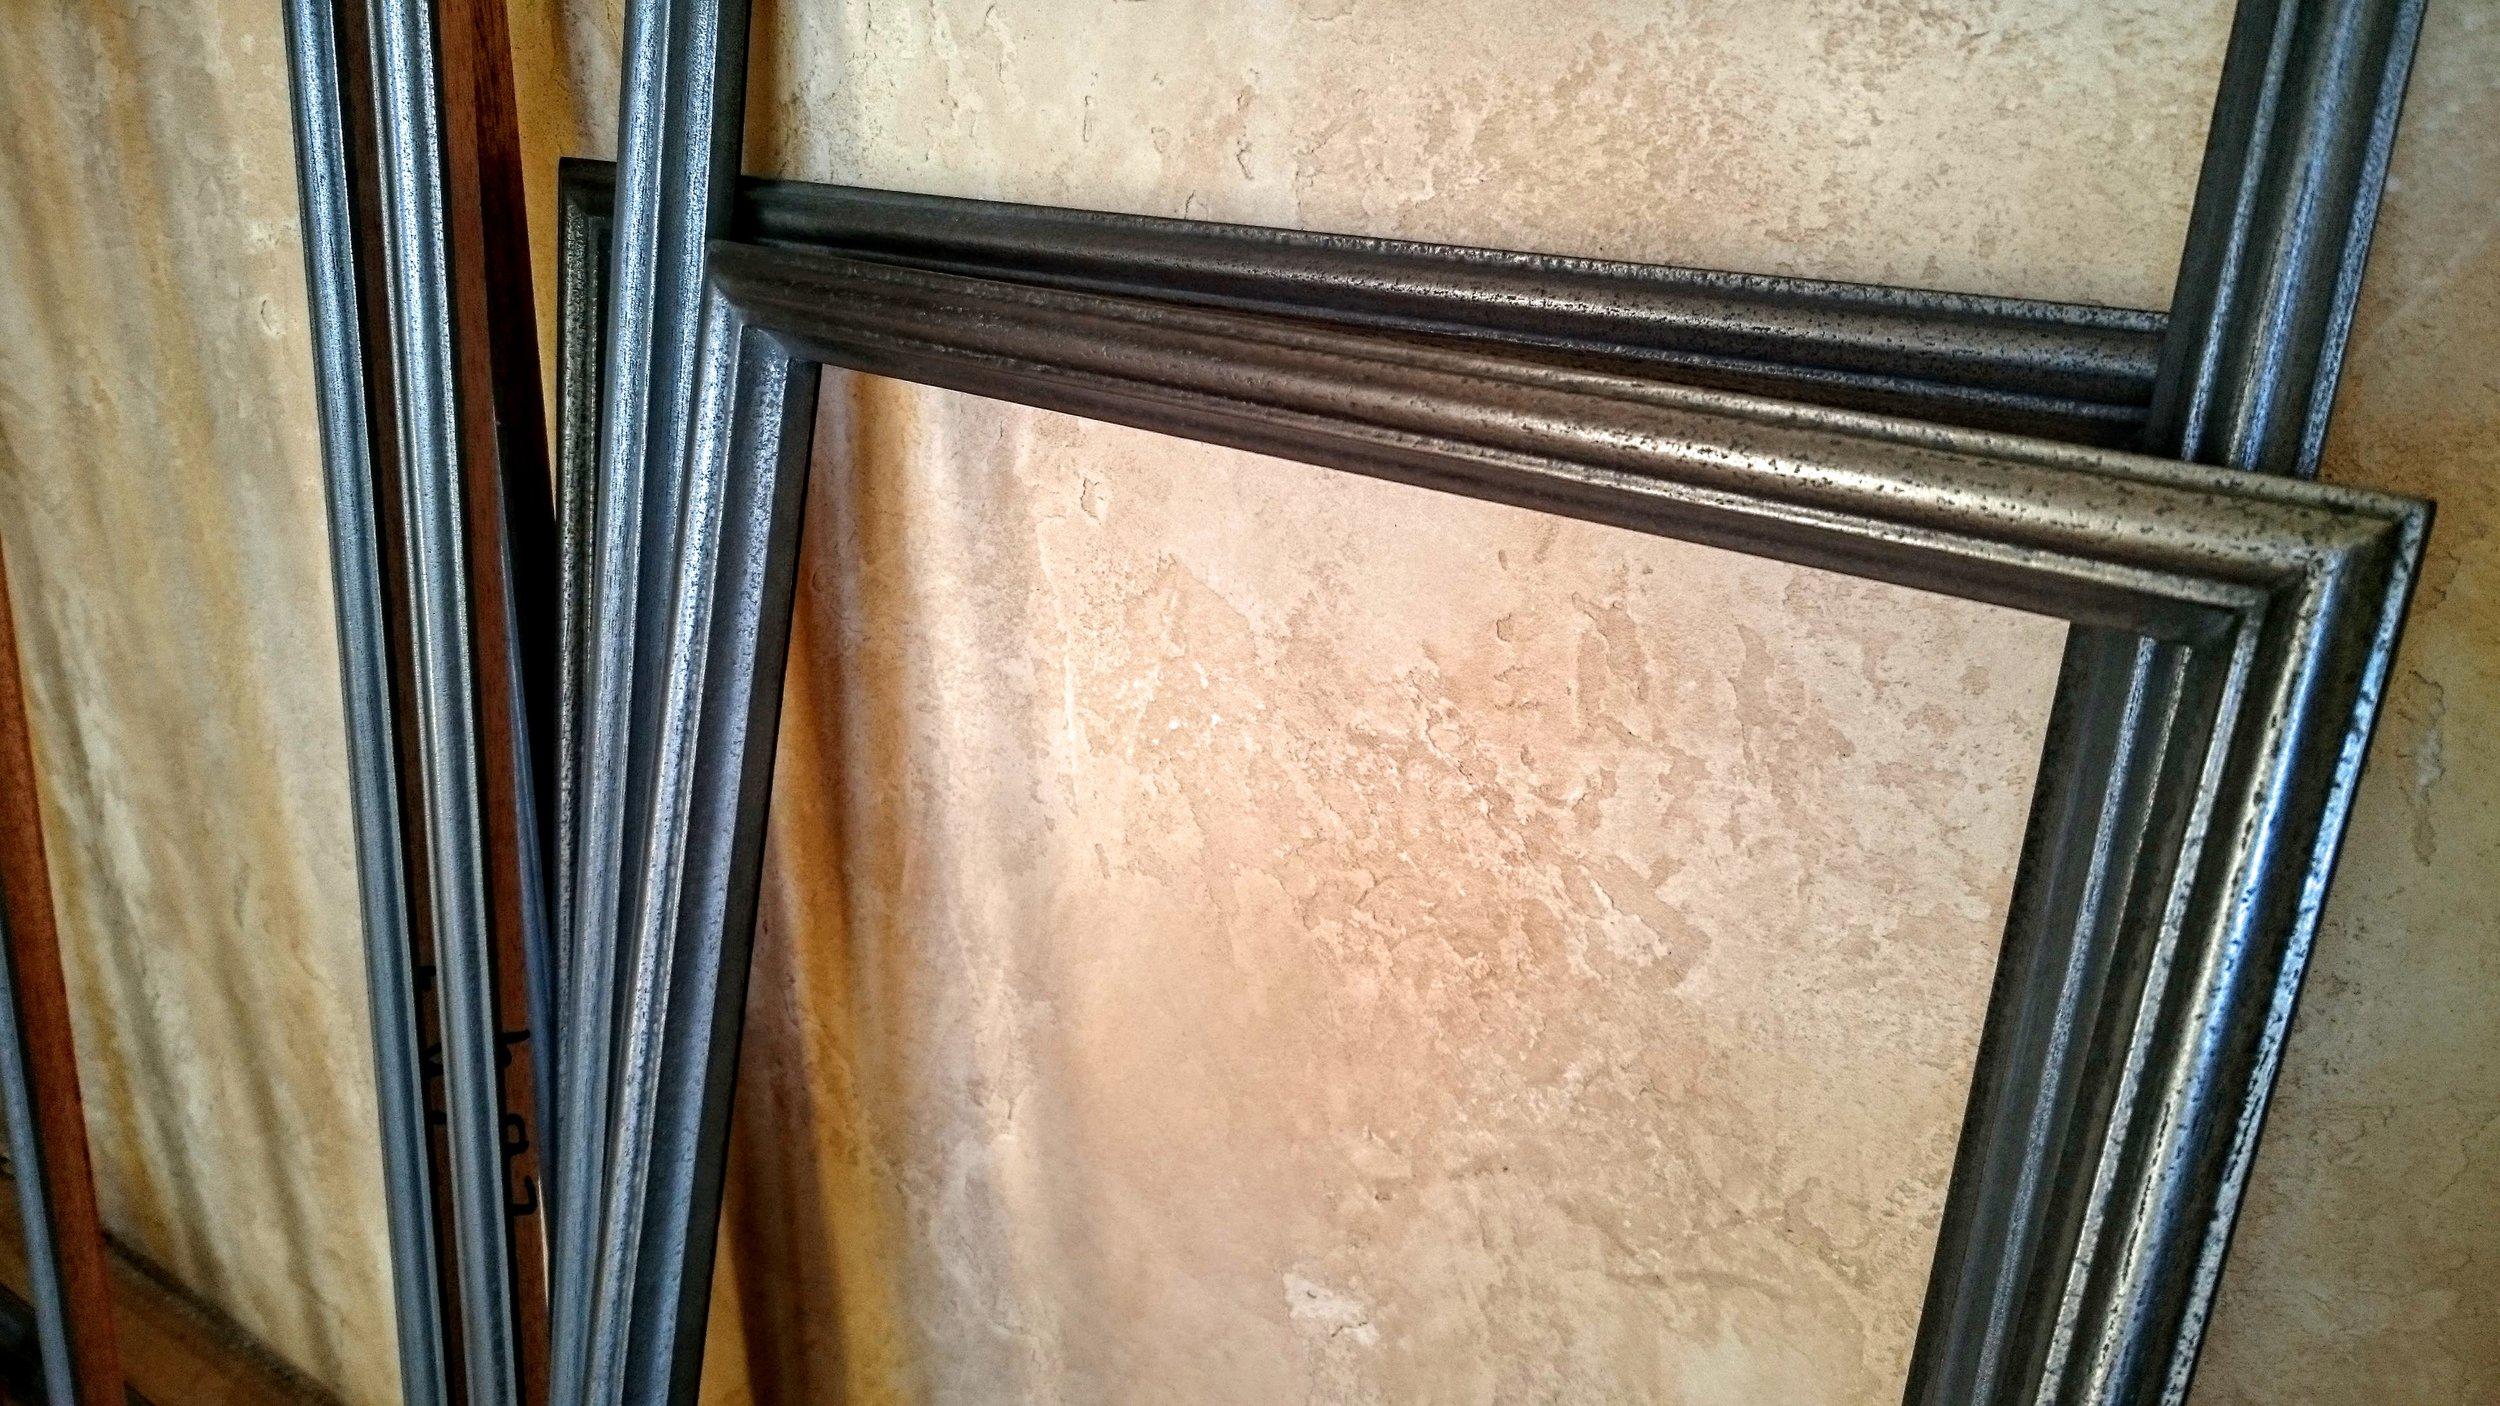 36. Mediniai durų filingų apvadai padengti geležimi.